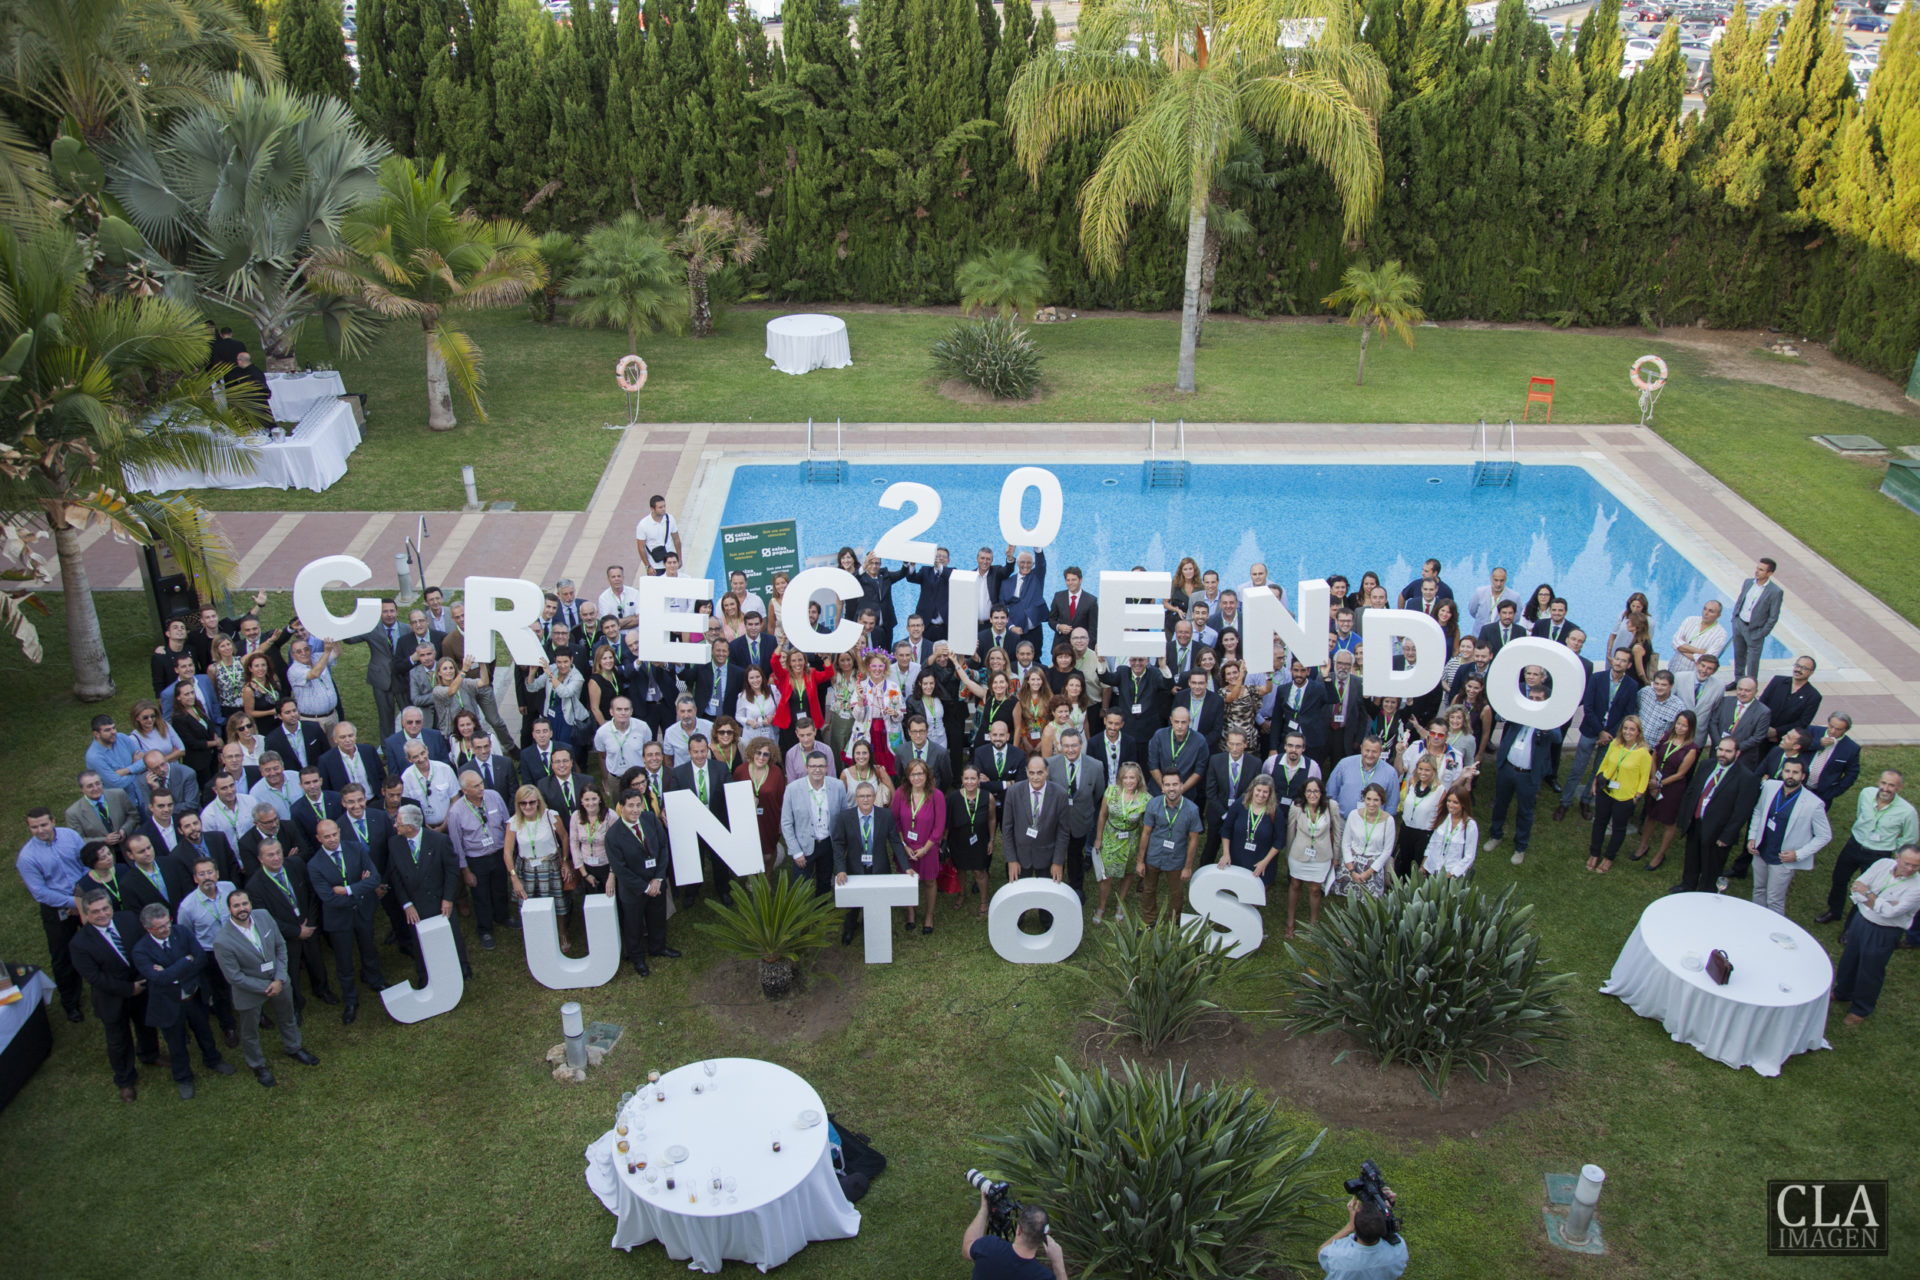 APPI celebra el 20 Aniversario del Parque Industrial Juan Carlos I de Almussafes.